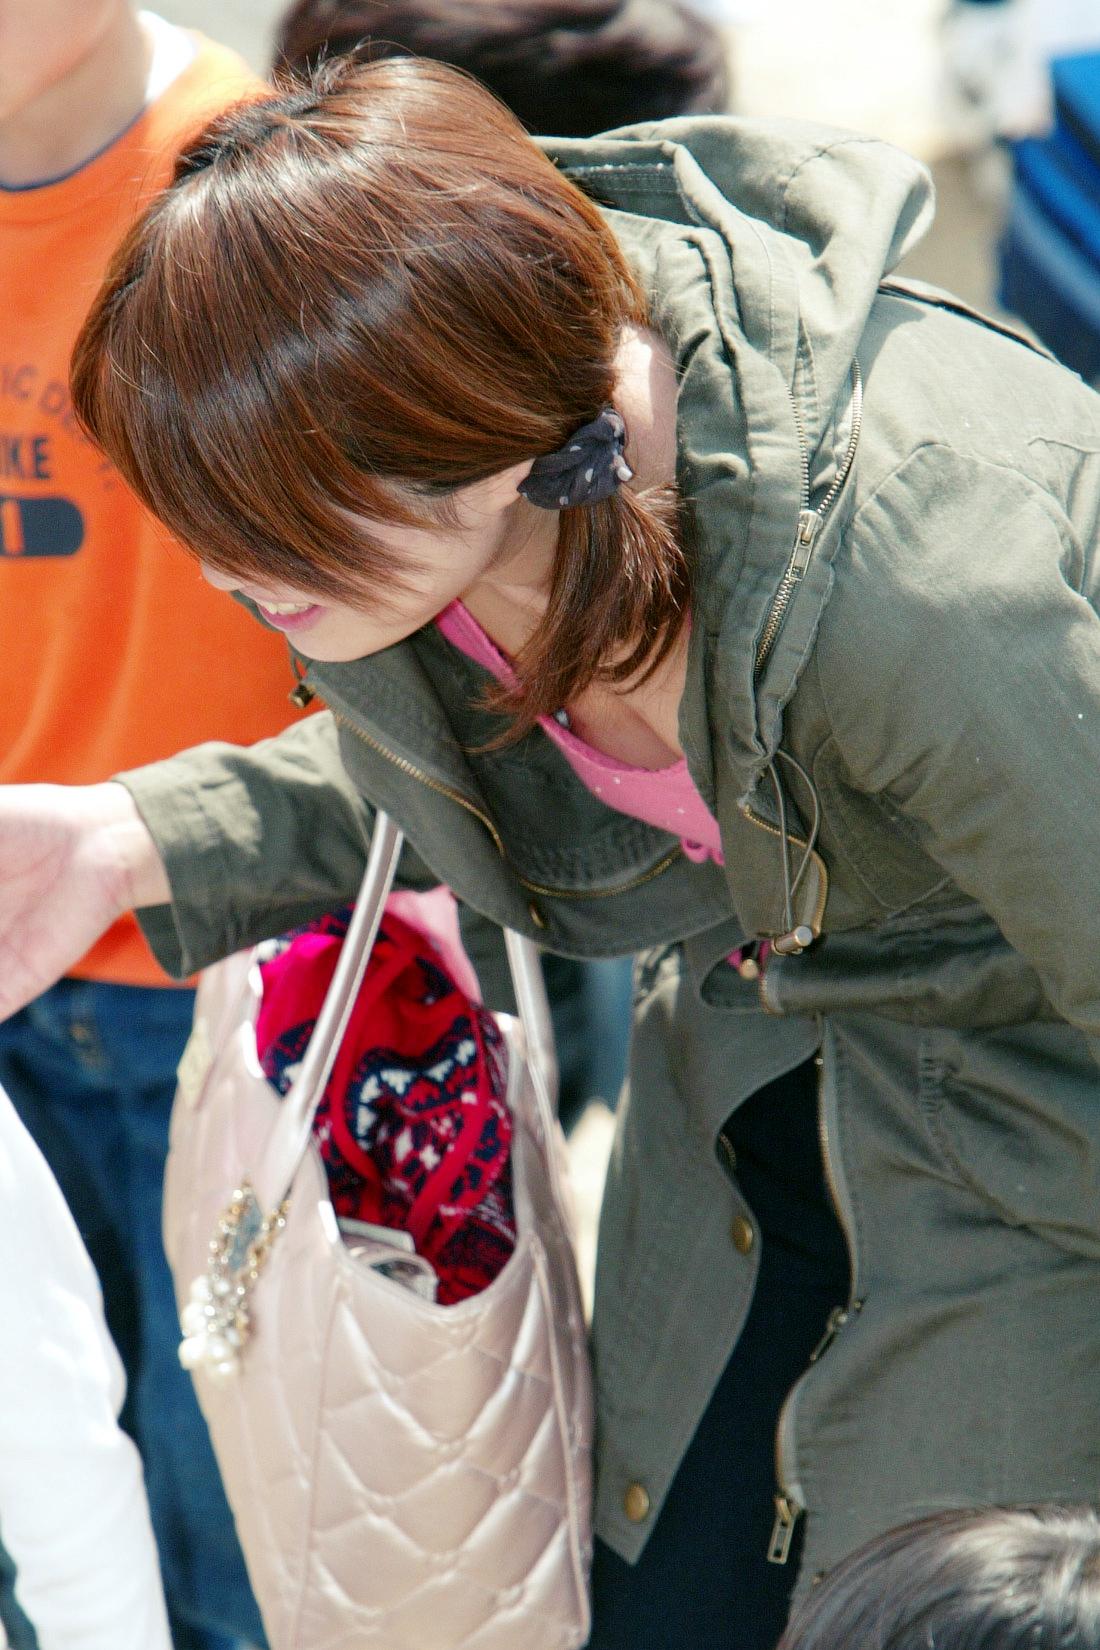 無防備エッチが酷い子連れ若ママの街撮り素人エロ画像-081